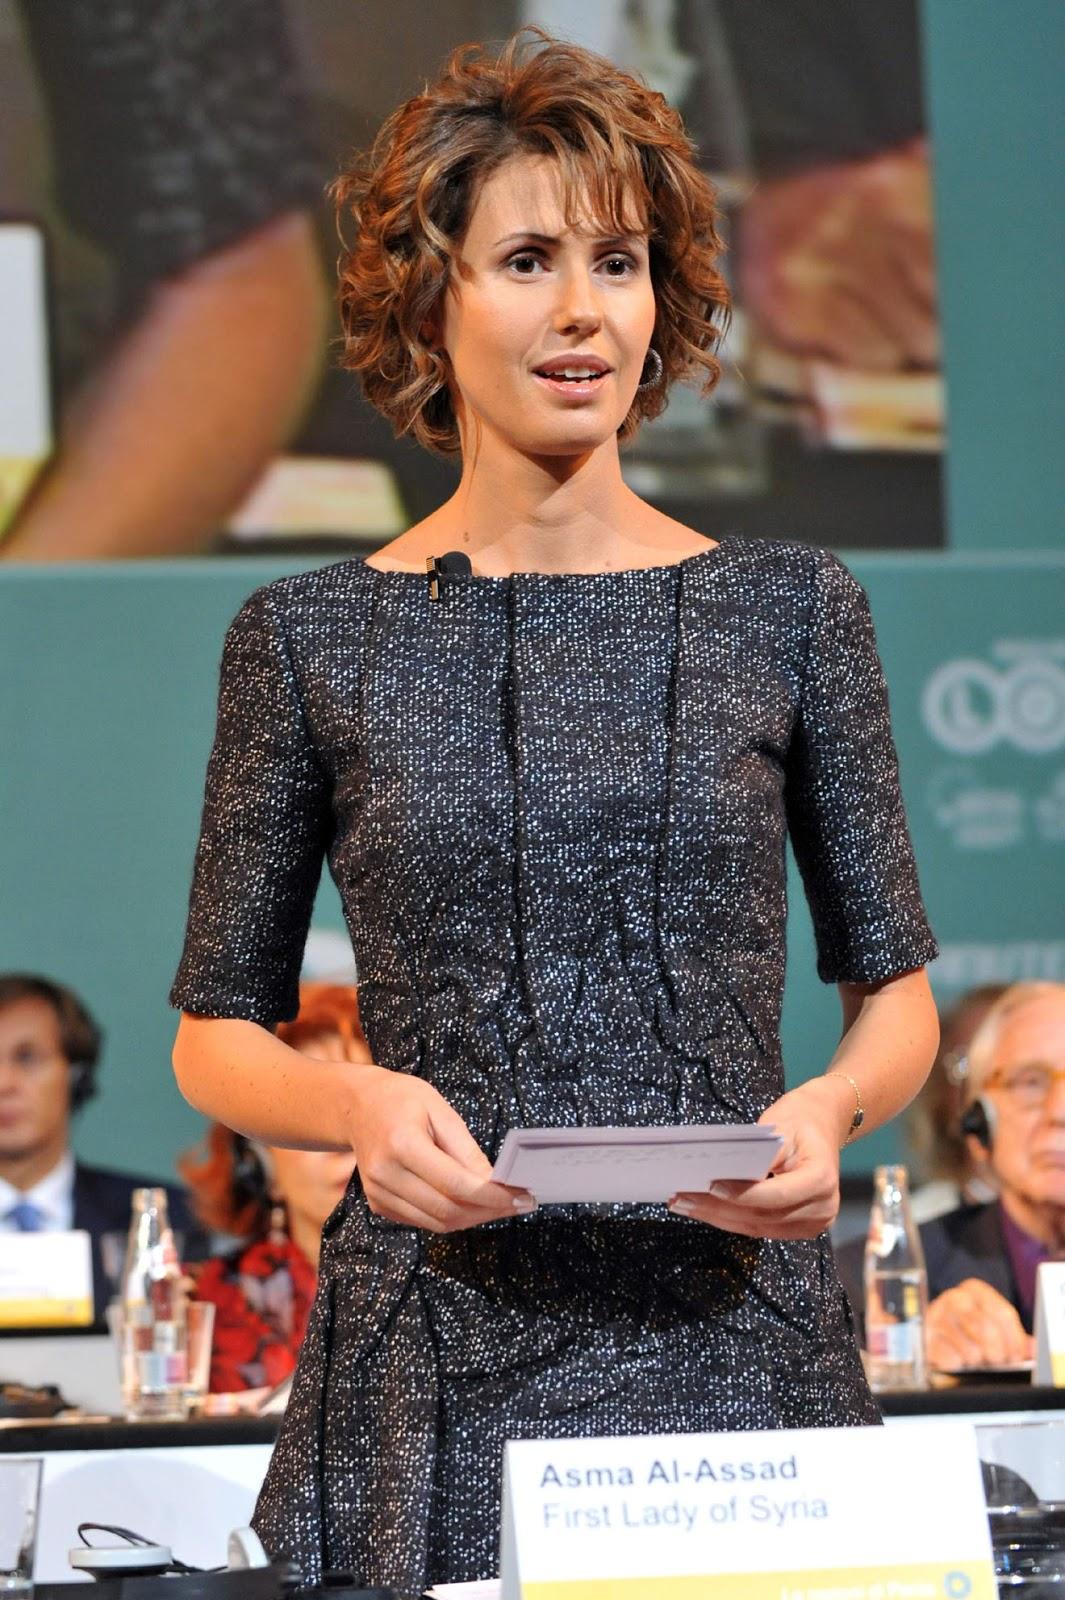 EBL: First Lady of Syria Asma al-Assad Rule 5